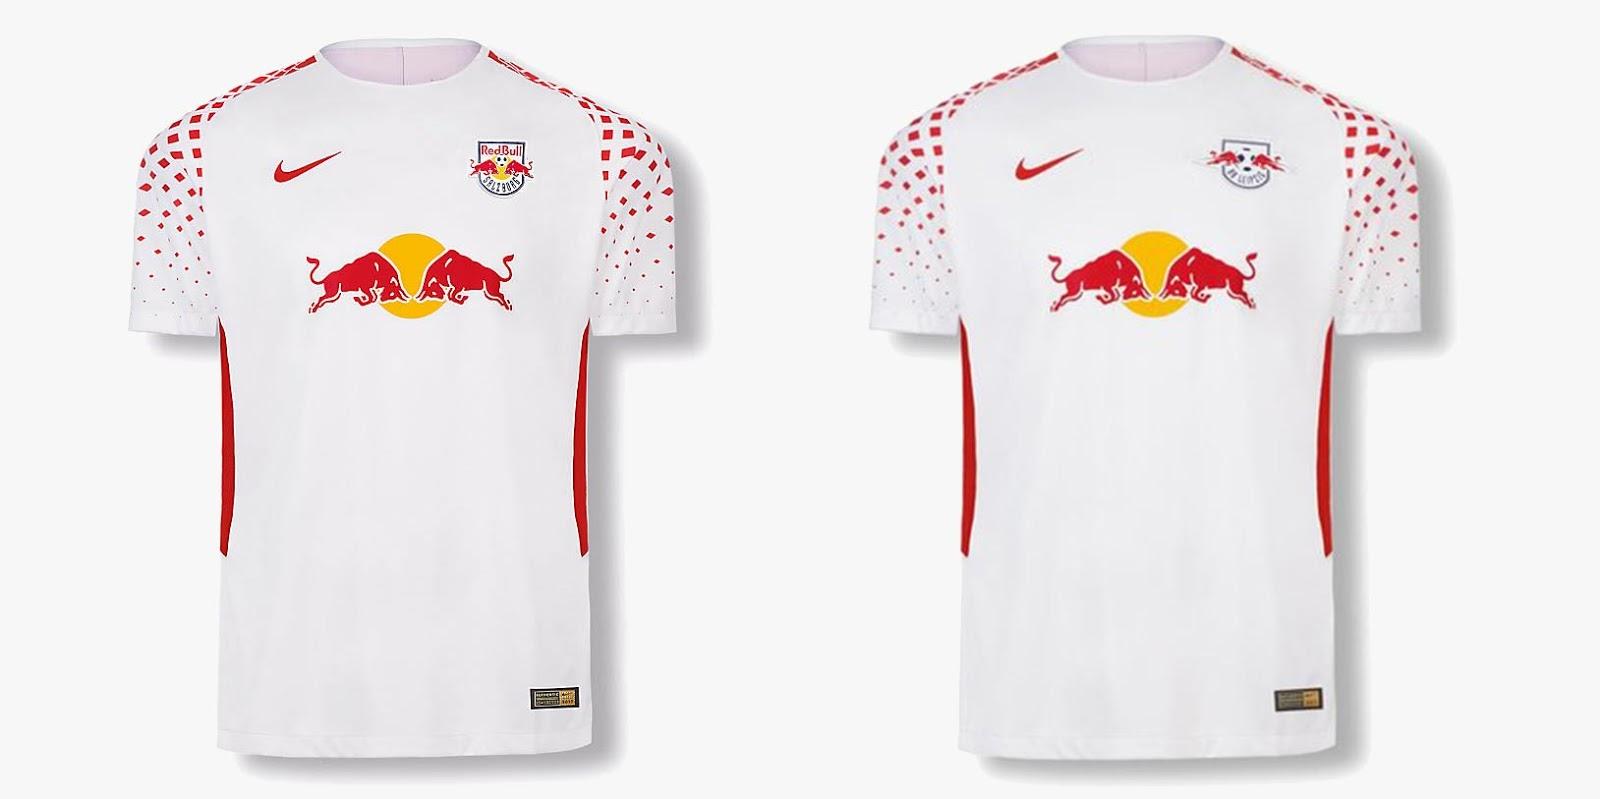 91494d89da4 Nike Red Bull Salzburg (+ RB Leipzig ) 18-19 Home Kit Teased ...